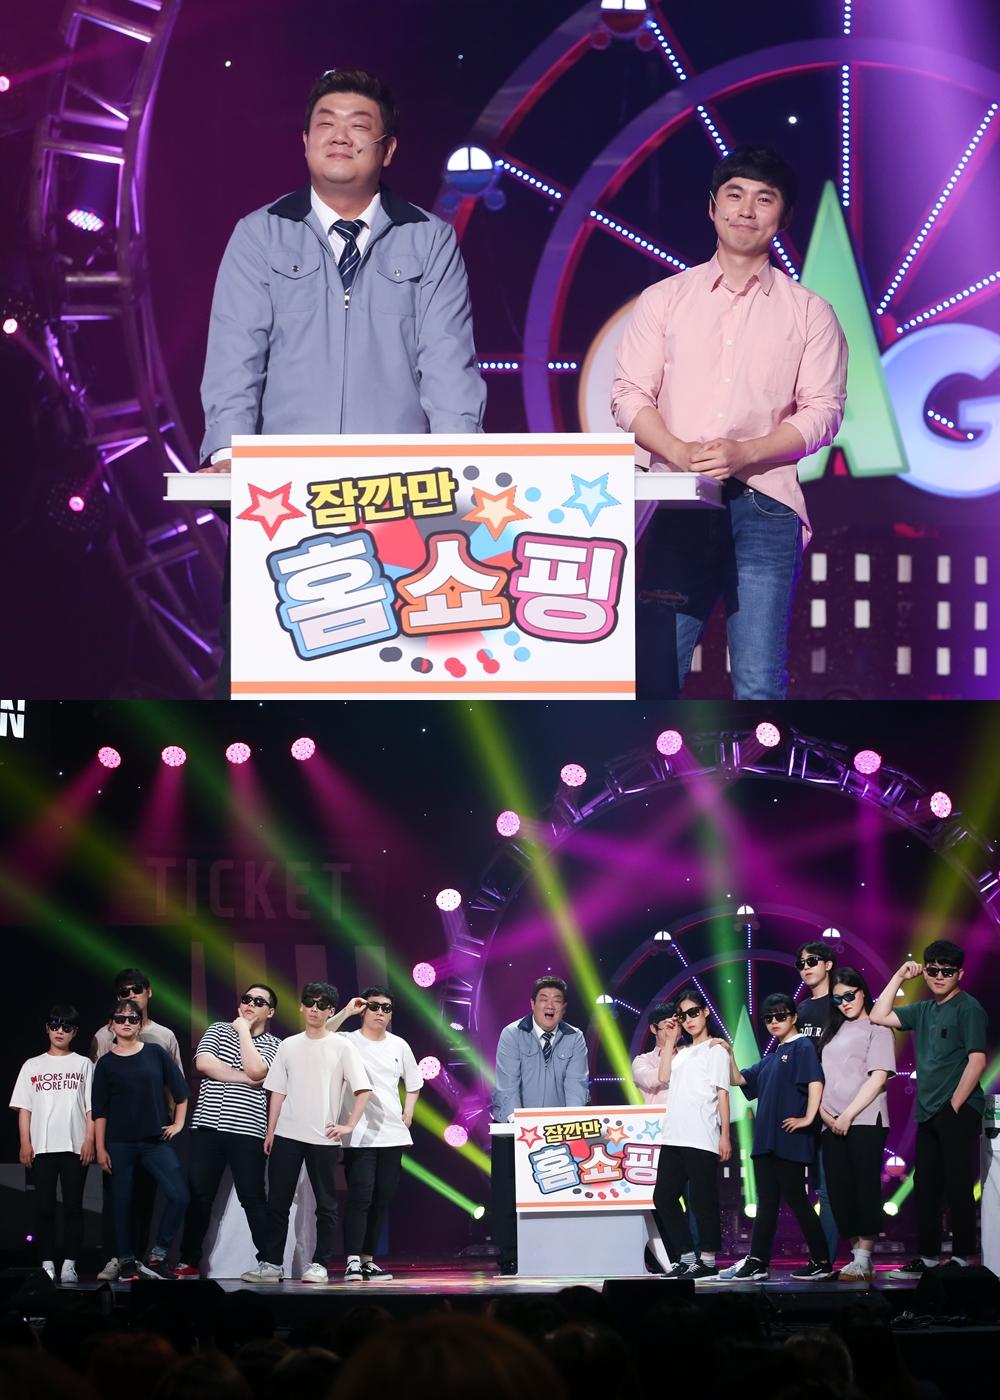 KBS 신입 공채 개그맨, '개콘'에 뜬다…선배 유민상과 스페셜 무대